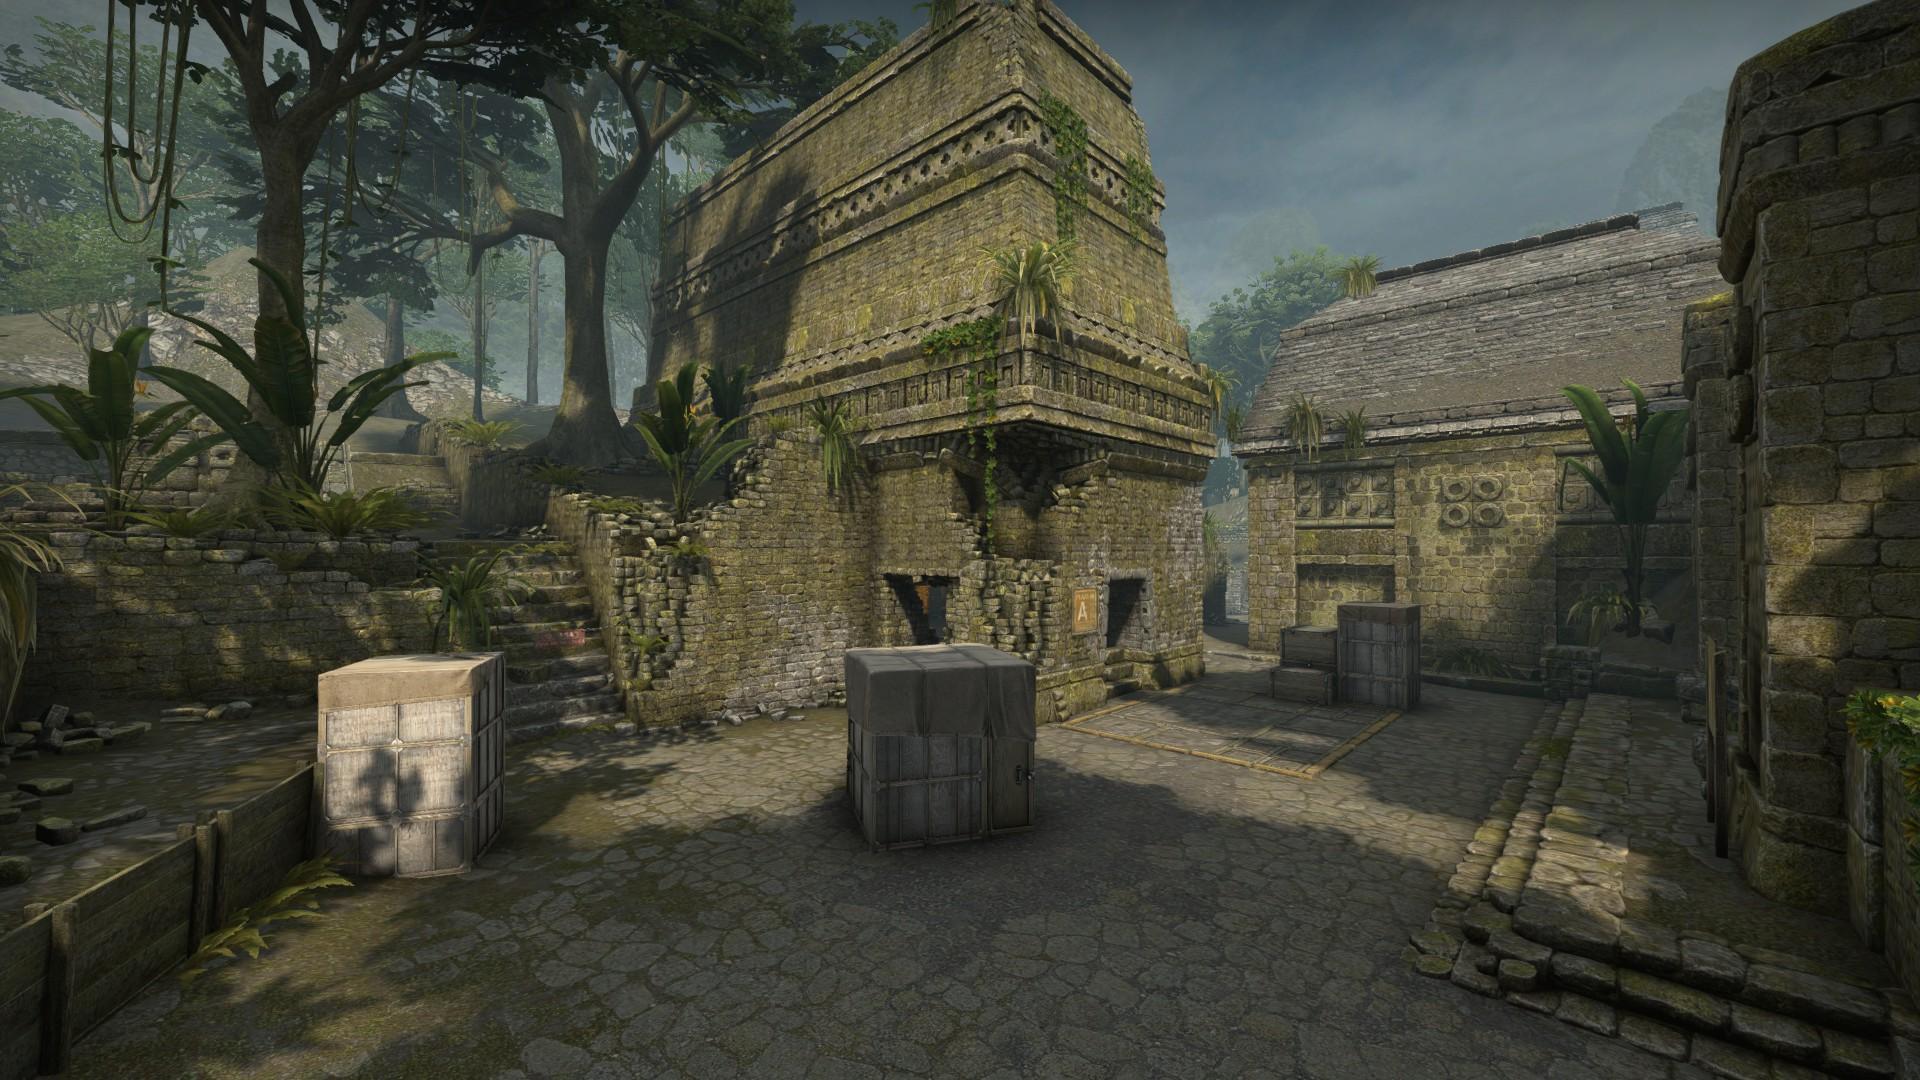 de_ancient cs go